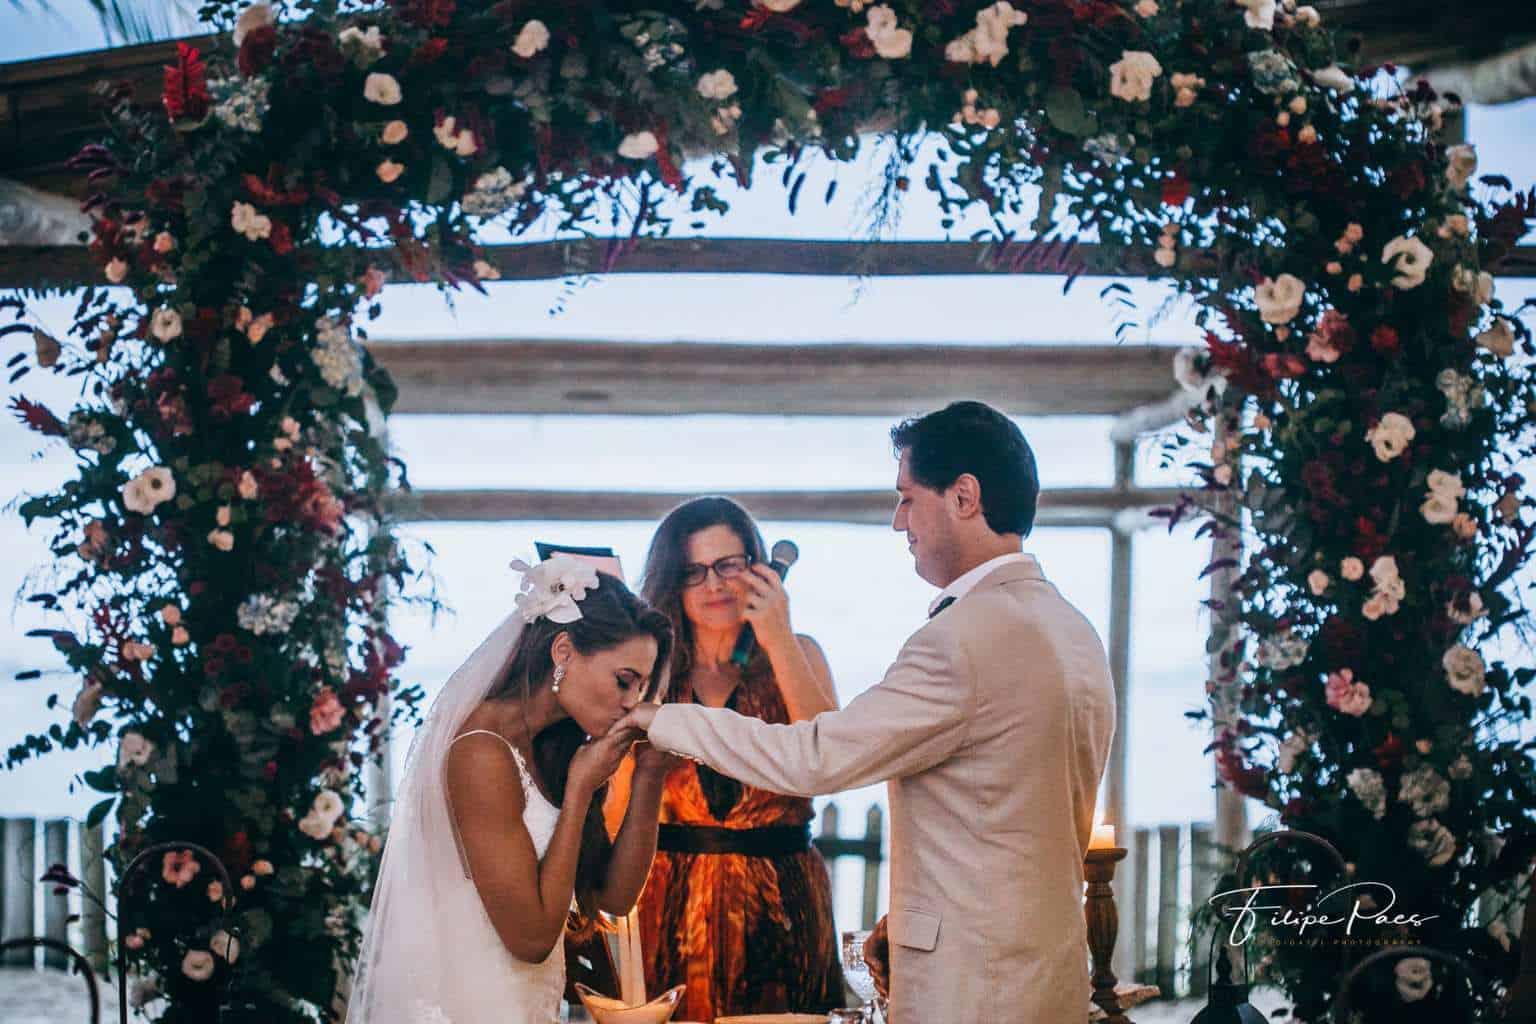 casamento-ao-ar-livre-casamento-de-dia-casamento-Maira-e-Erick-casamento-na-praia-cerimônia-Fotografia-Filipe-Paes-Studio-47-Luaia-Cabanas-Maresias-São-Paulo-15-1